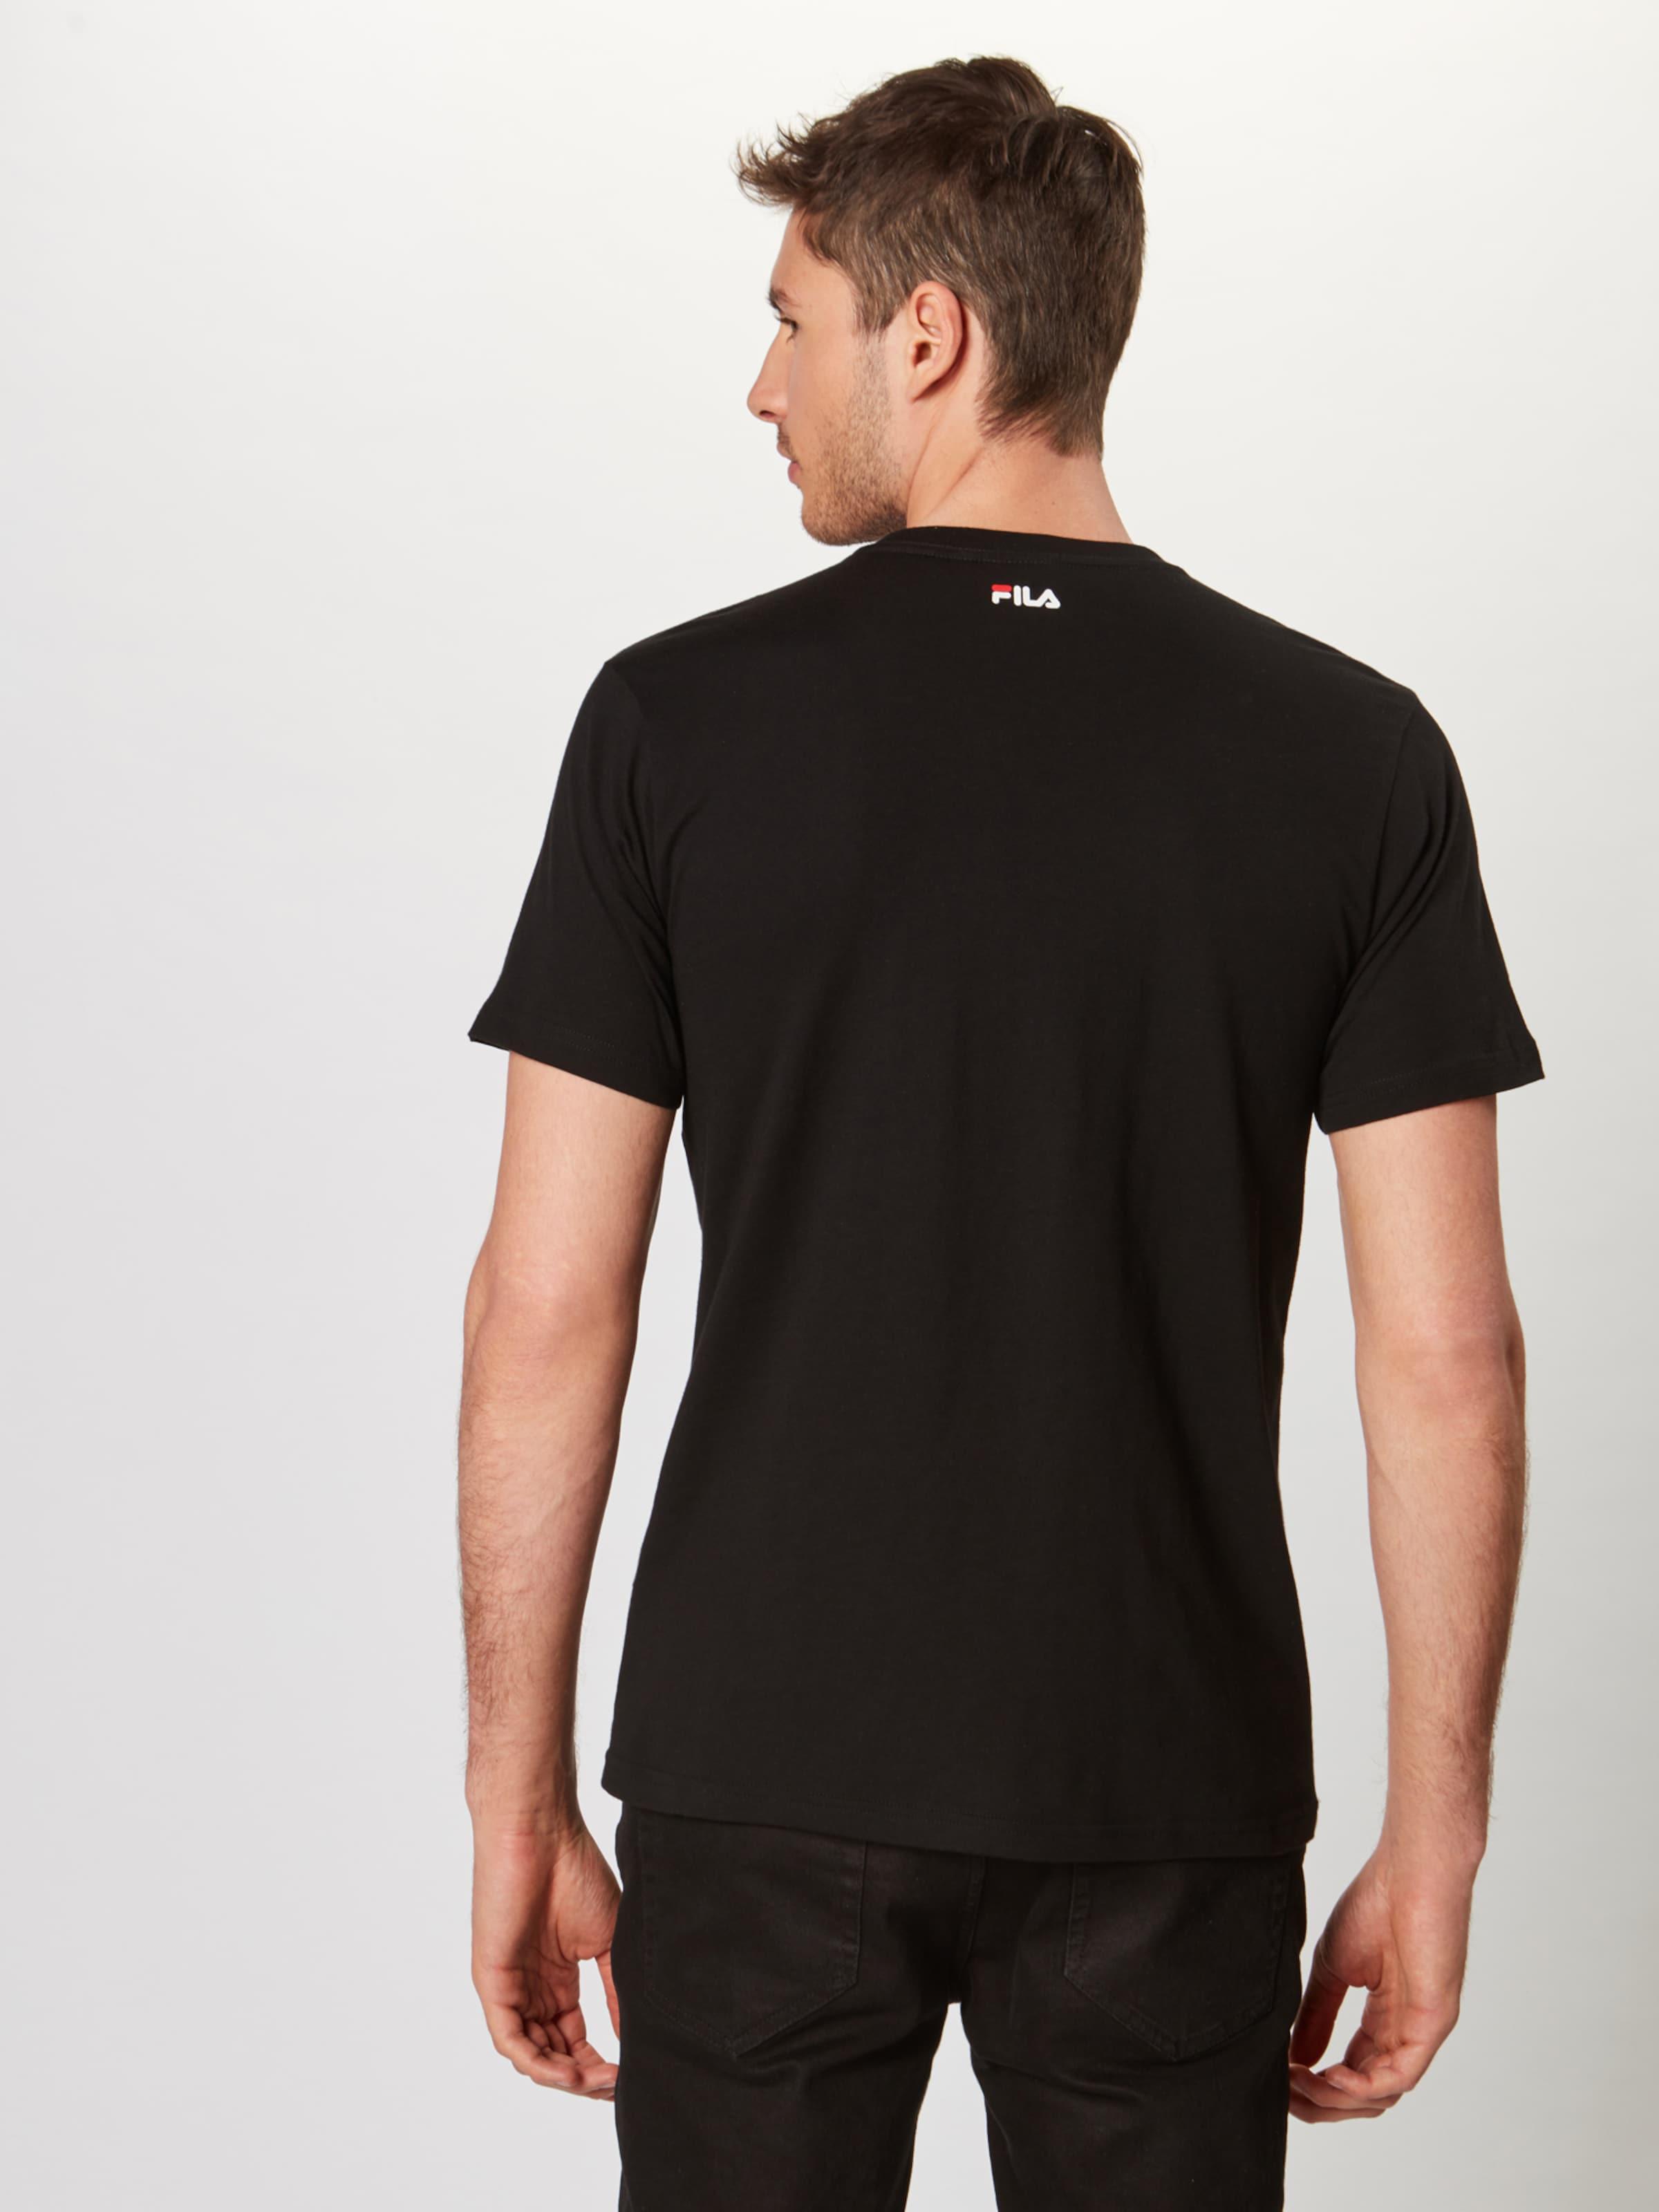 En NoirBlanc shirt Fila T 'pure' XiuOPZk